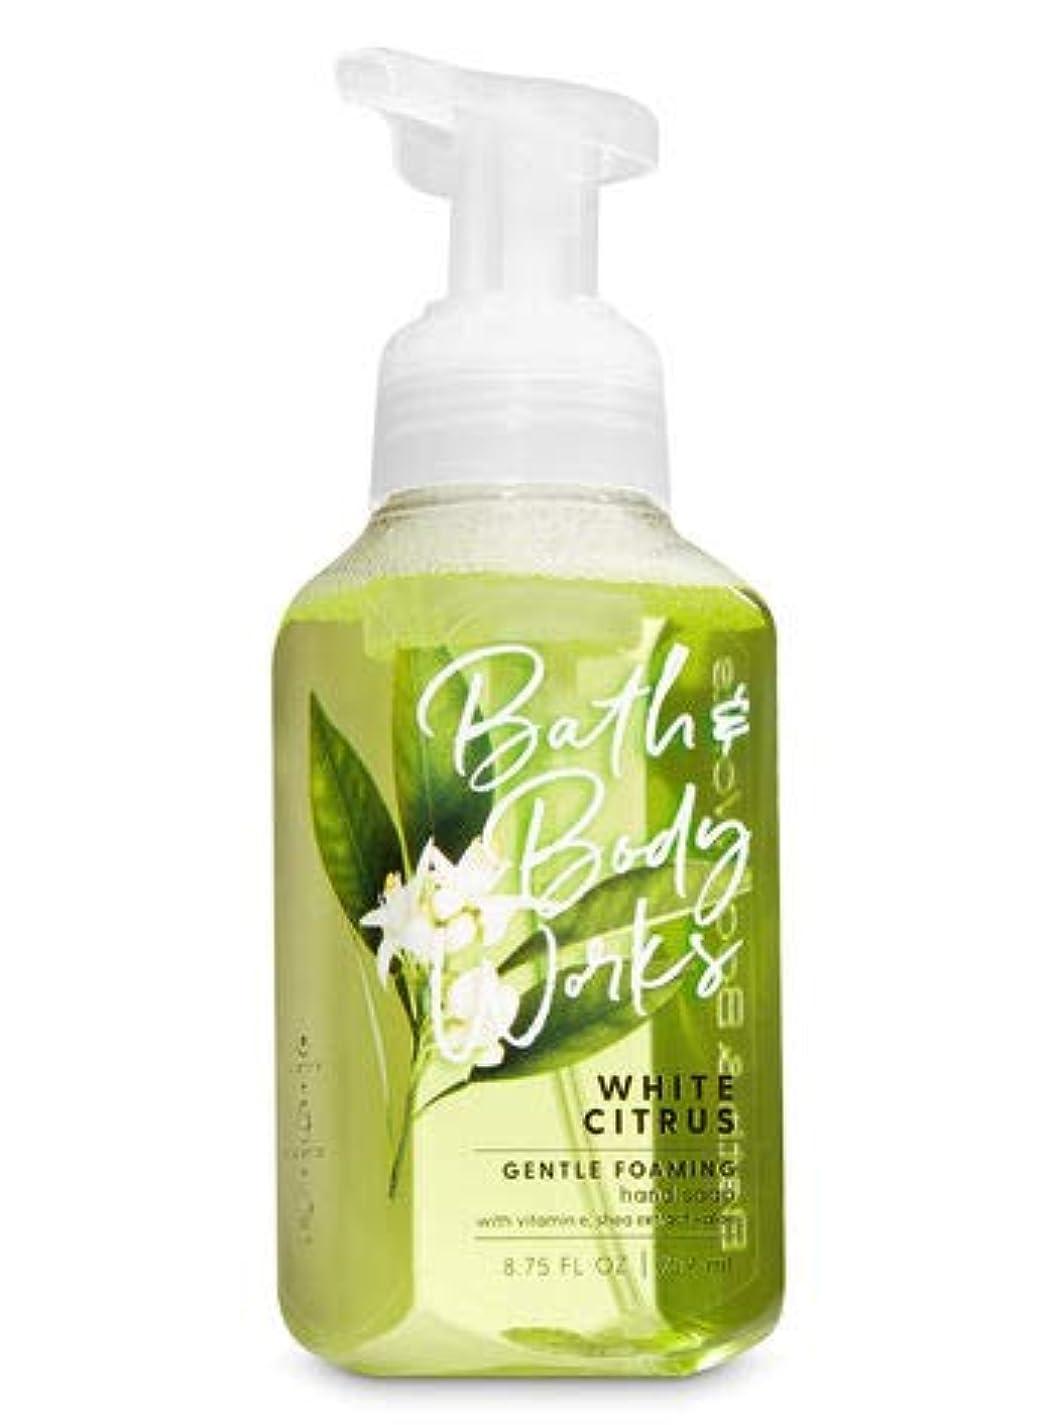 不条理コンプリートポーチバス&ボディワークス ホワイトシトラス ジェントル フォーミング ハンドソープ White Citrus Gentle Foaming Hand Soap